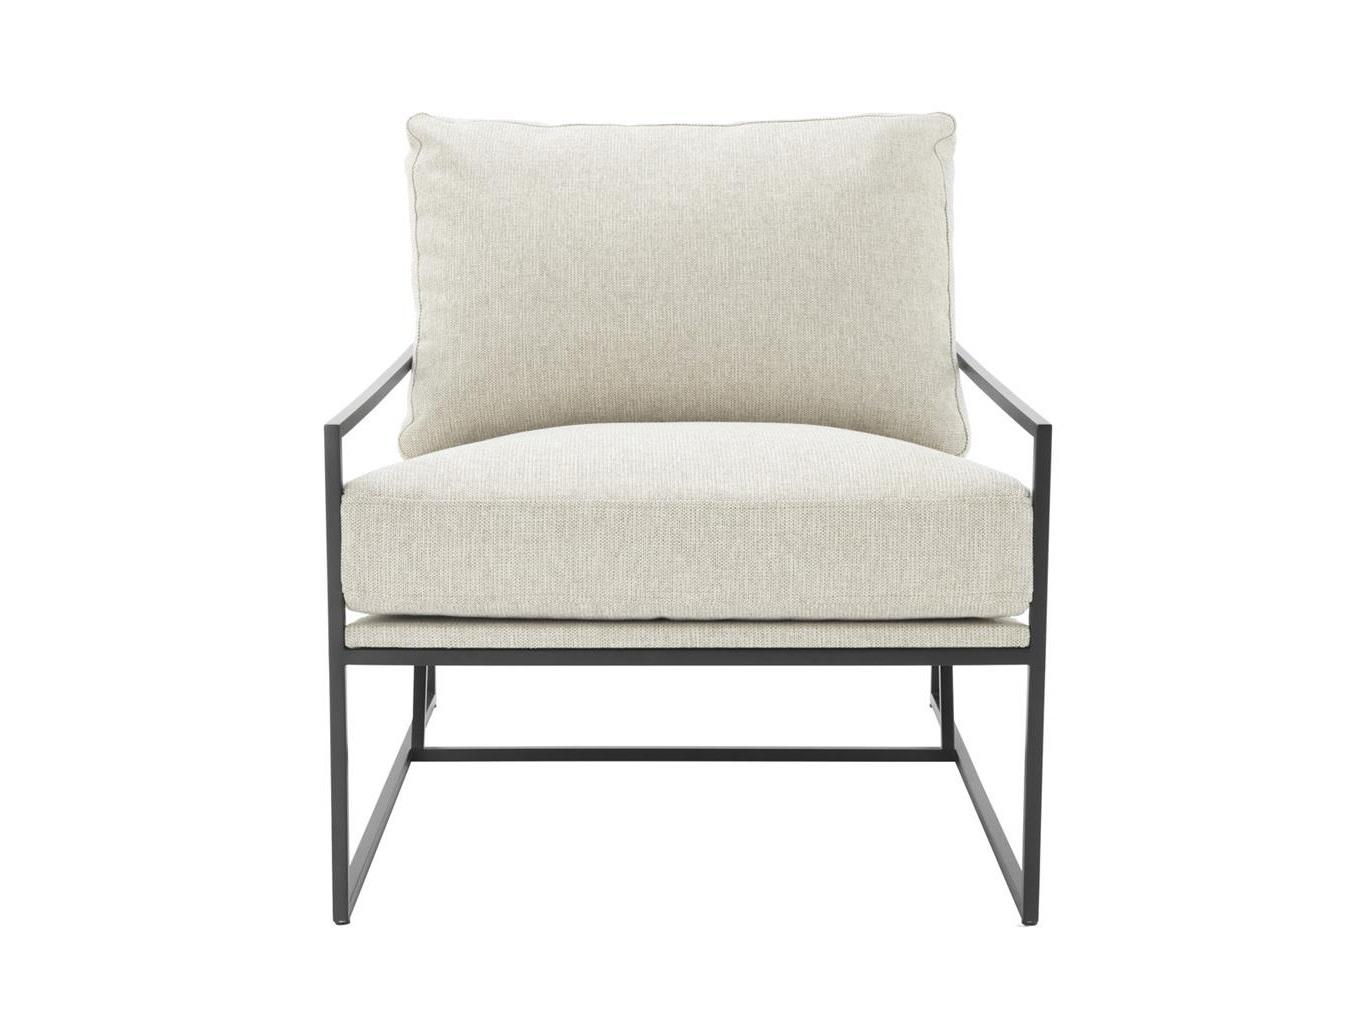 Кресло RowenИнтерьерные кресла<br>Кресло Rowen обтянуто тканью молочного цвета.&amp;amp;nbsp;&amp;lt;div&amp;gt;Ножки из металла черного цвета.&amp;amp;nbsp;&amp;lt;/div&amp;gt;&amp;lt;div&amp;gt;Состав ткани: 58% полиэстер, 42% олефин.&amp;lt;/div&amp;gt;<br><br>Material: Текстиль<br>Ширина см: 66.0<br>Высота см: 68.0<br>Глубина см: 87.0